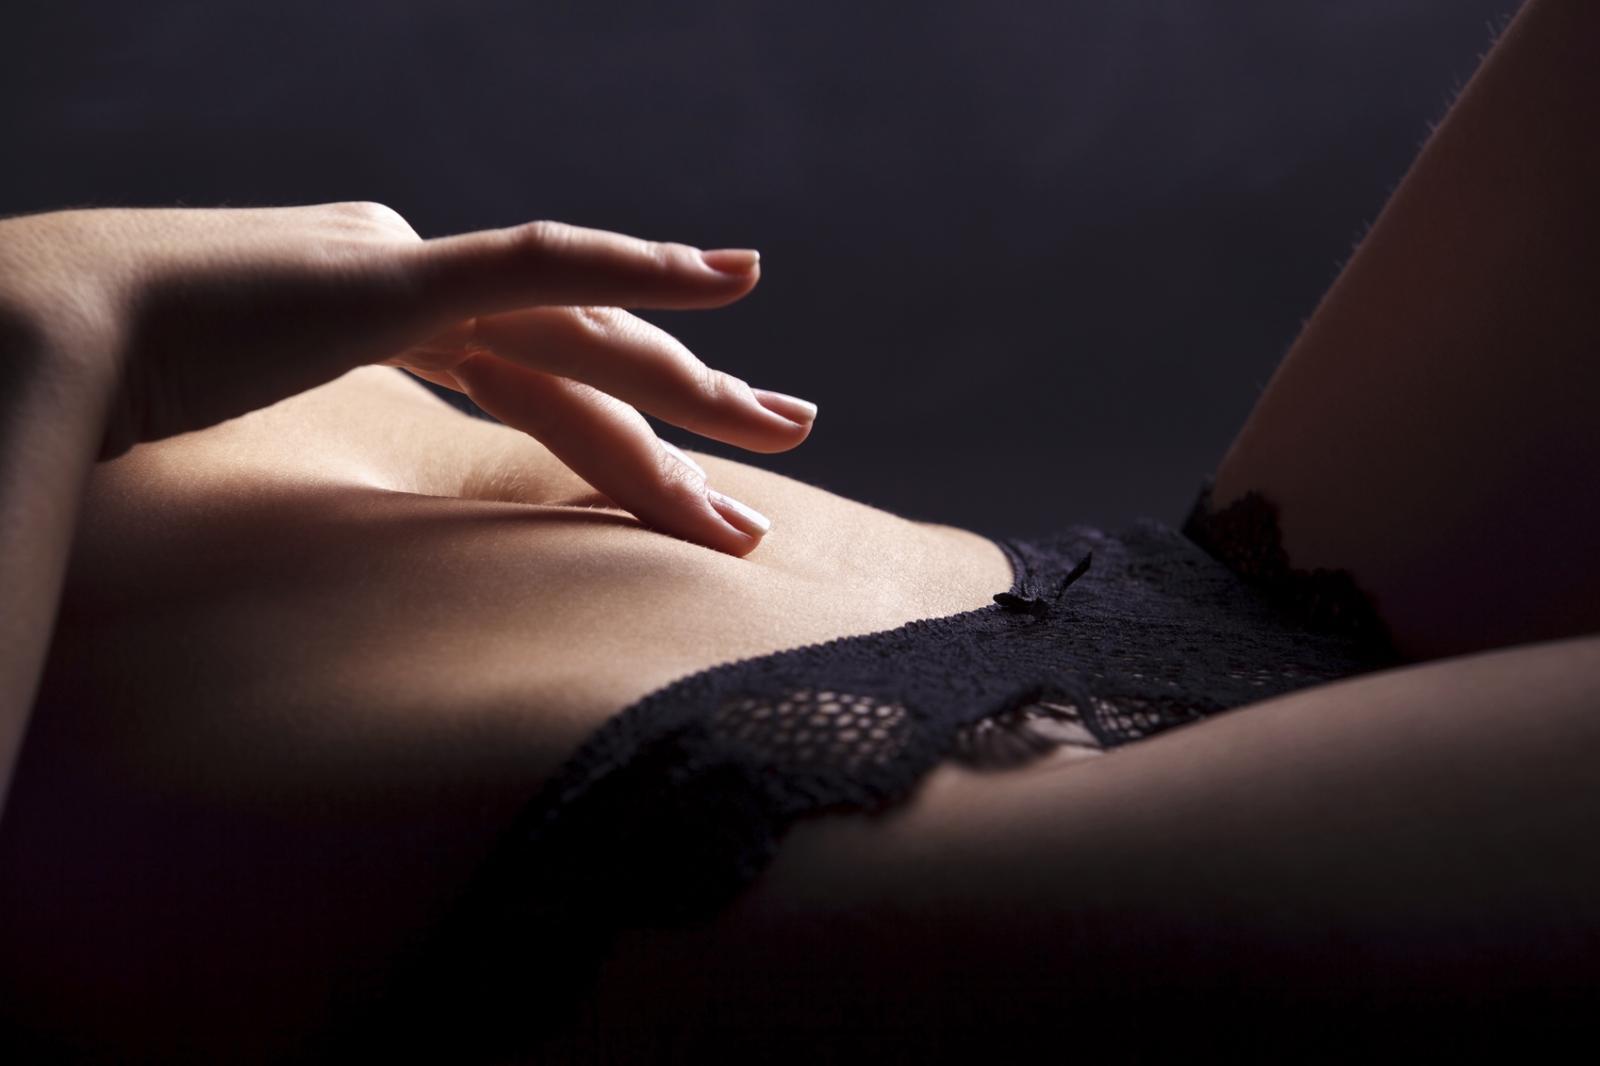 U davna vremena žene su liječile tzv. histeriju samozadovoljavanjem.